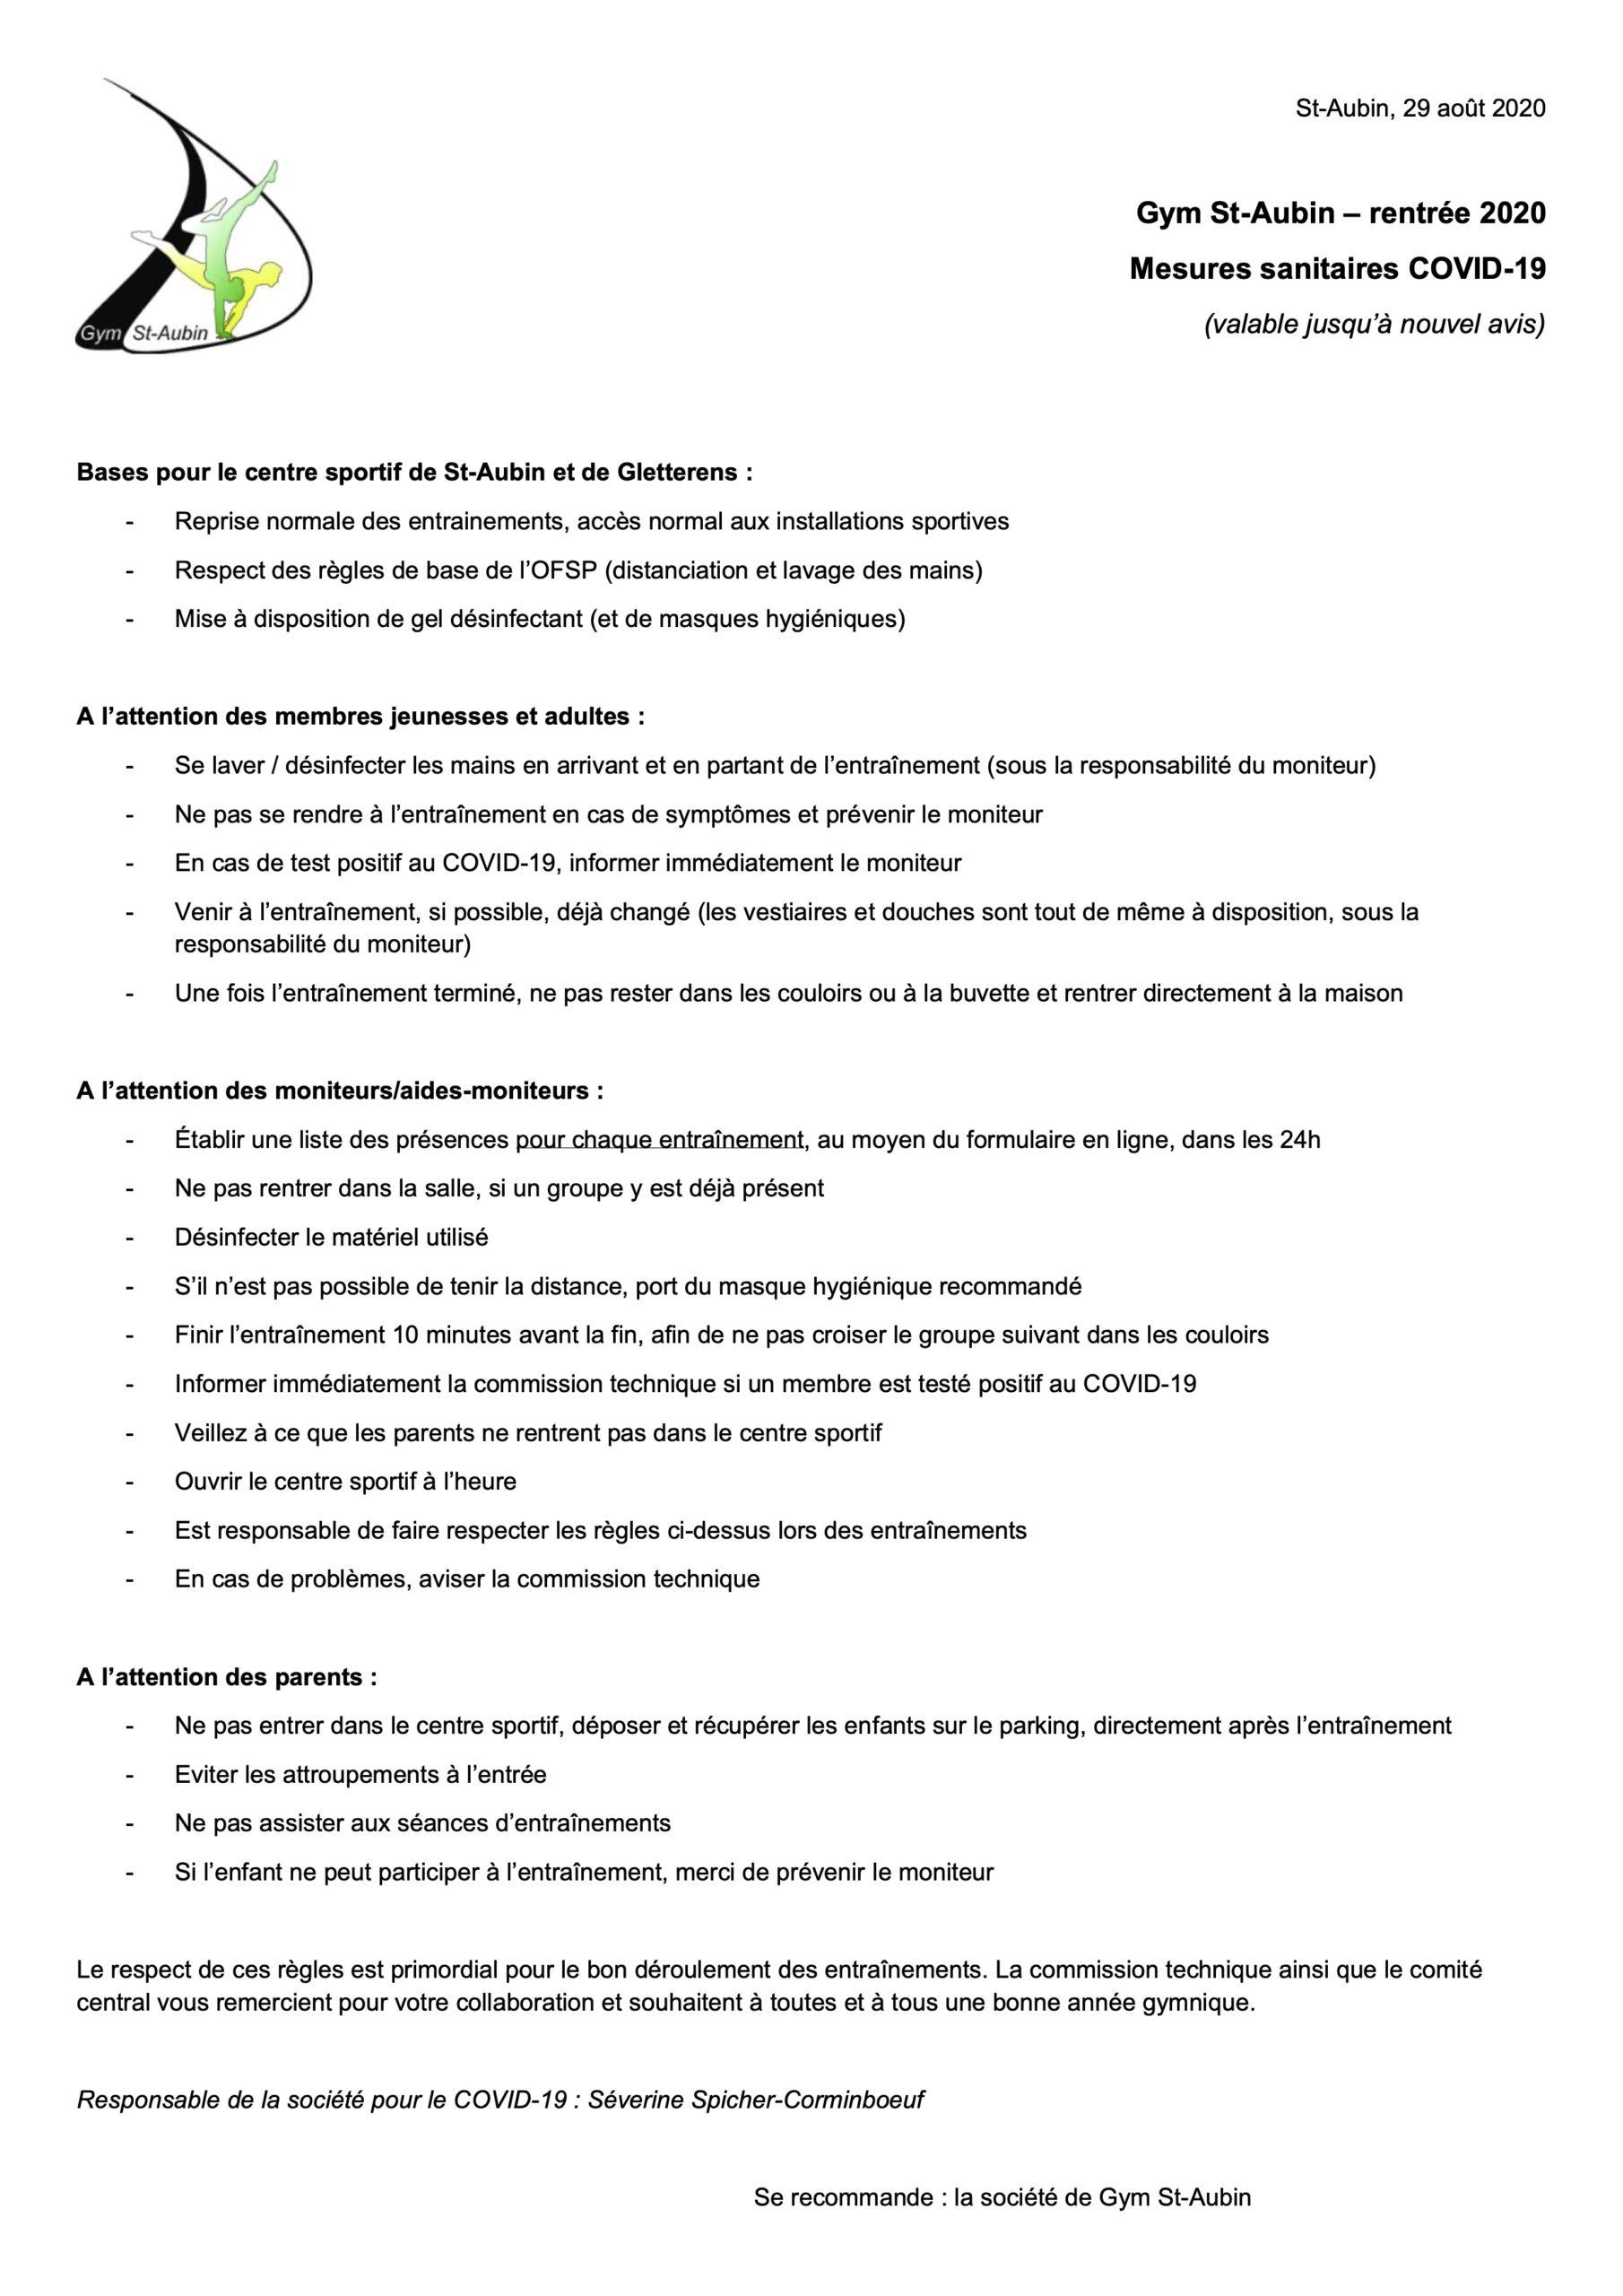 Gym St-Aubin - rentrée 2020 : Mesures sanitaires COVID-19